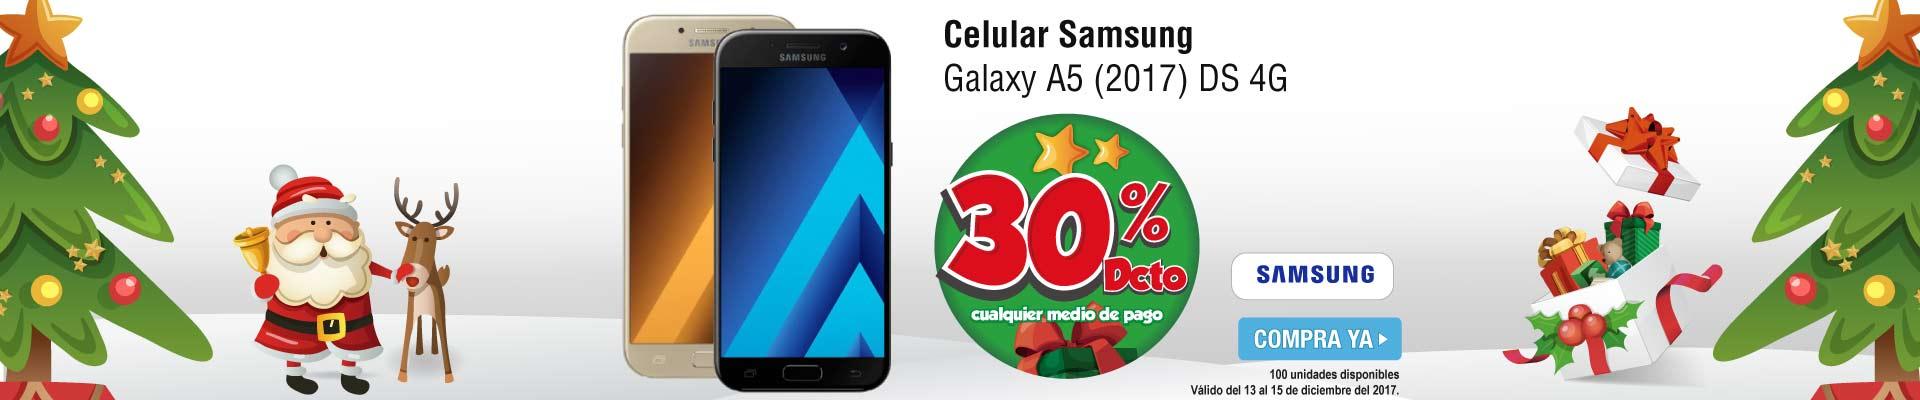 PPAL ALKP-3-celulares-Celular SAMSUNG Galaxy A5 (2017) DS 4G-prod-diciembre13-15